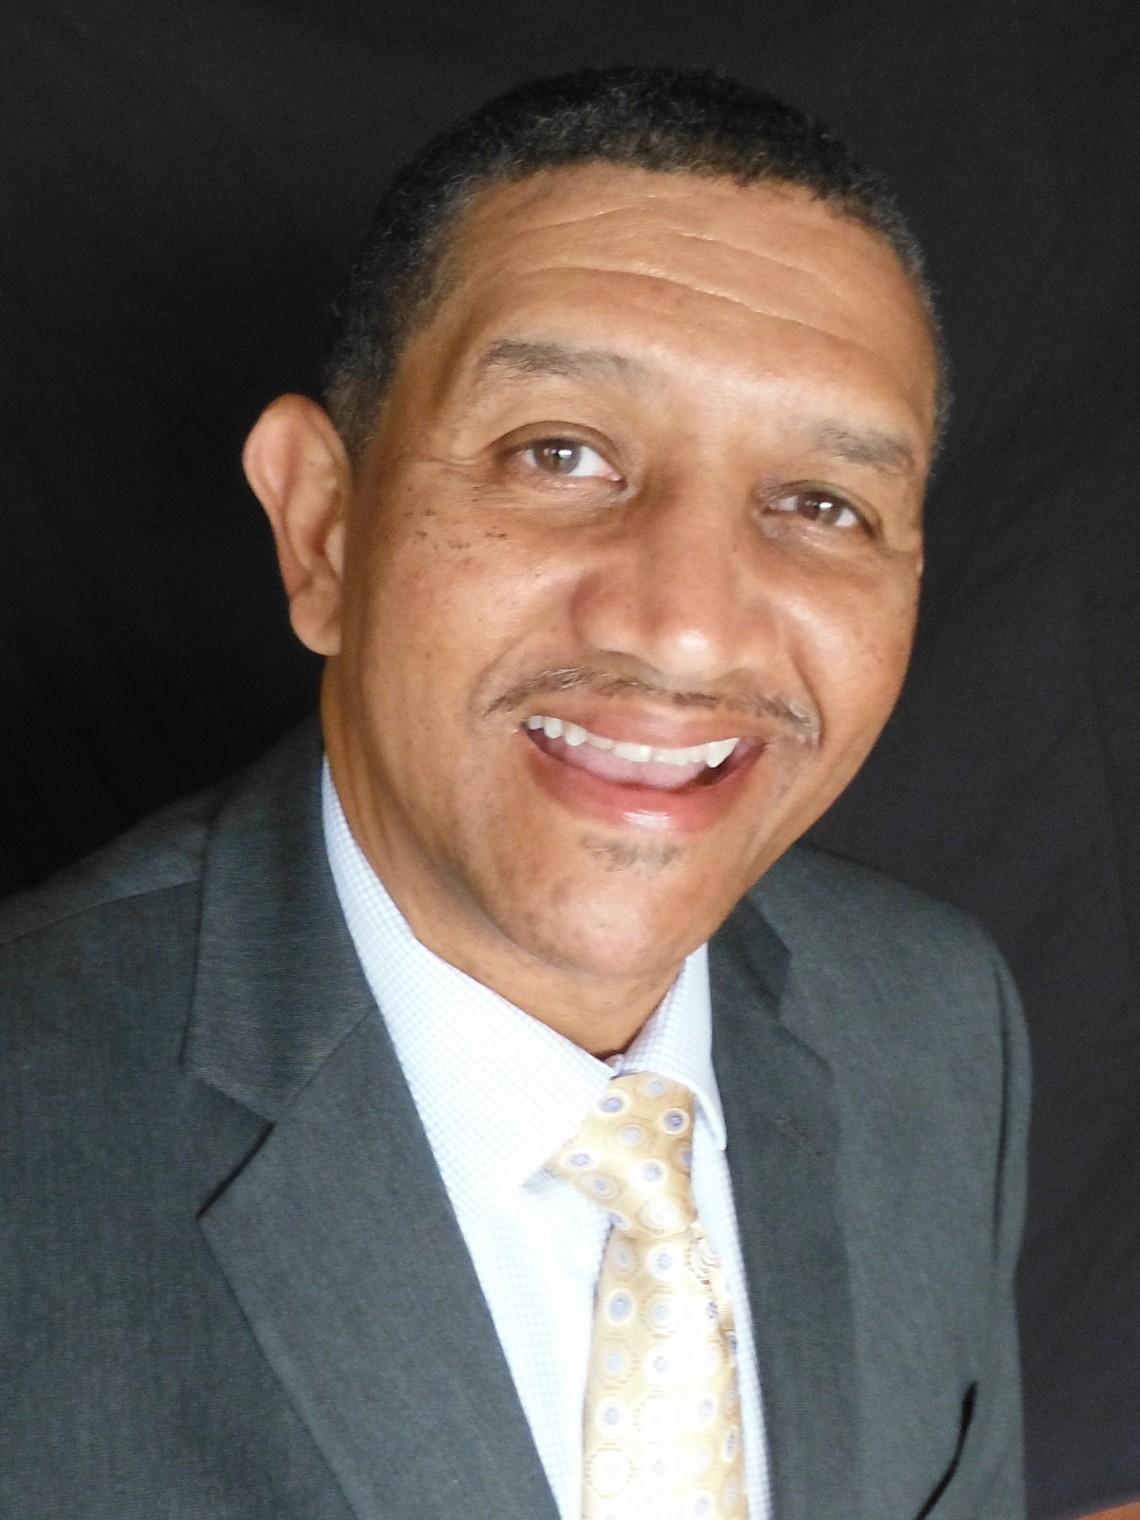 Sylvester Terry